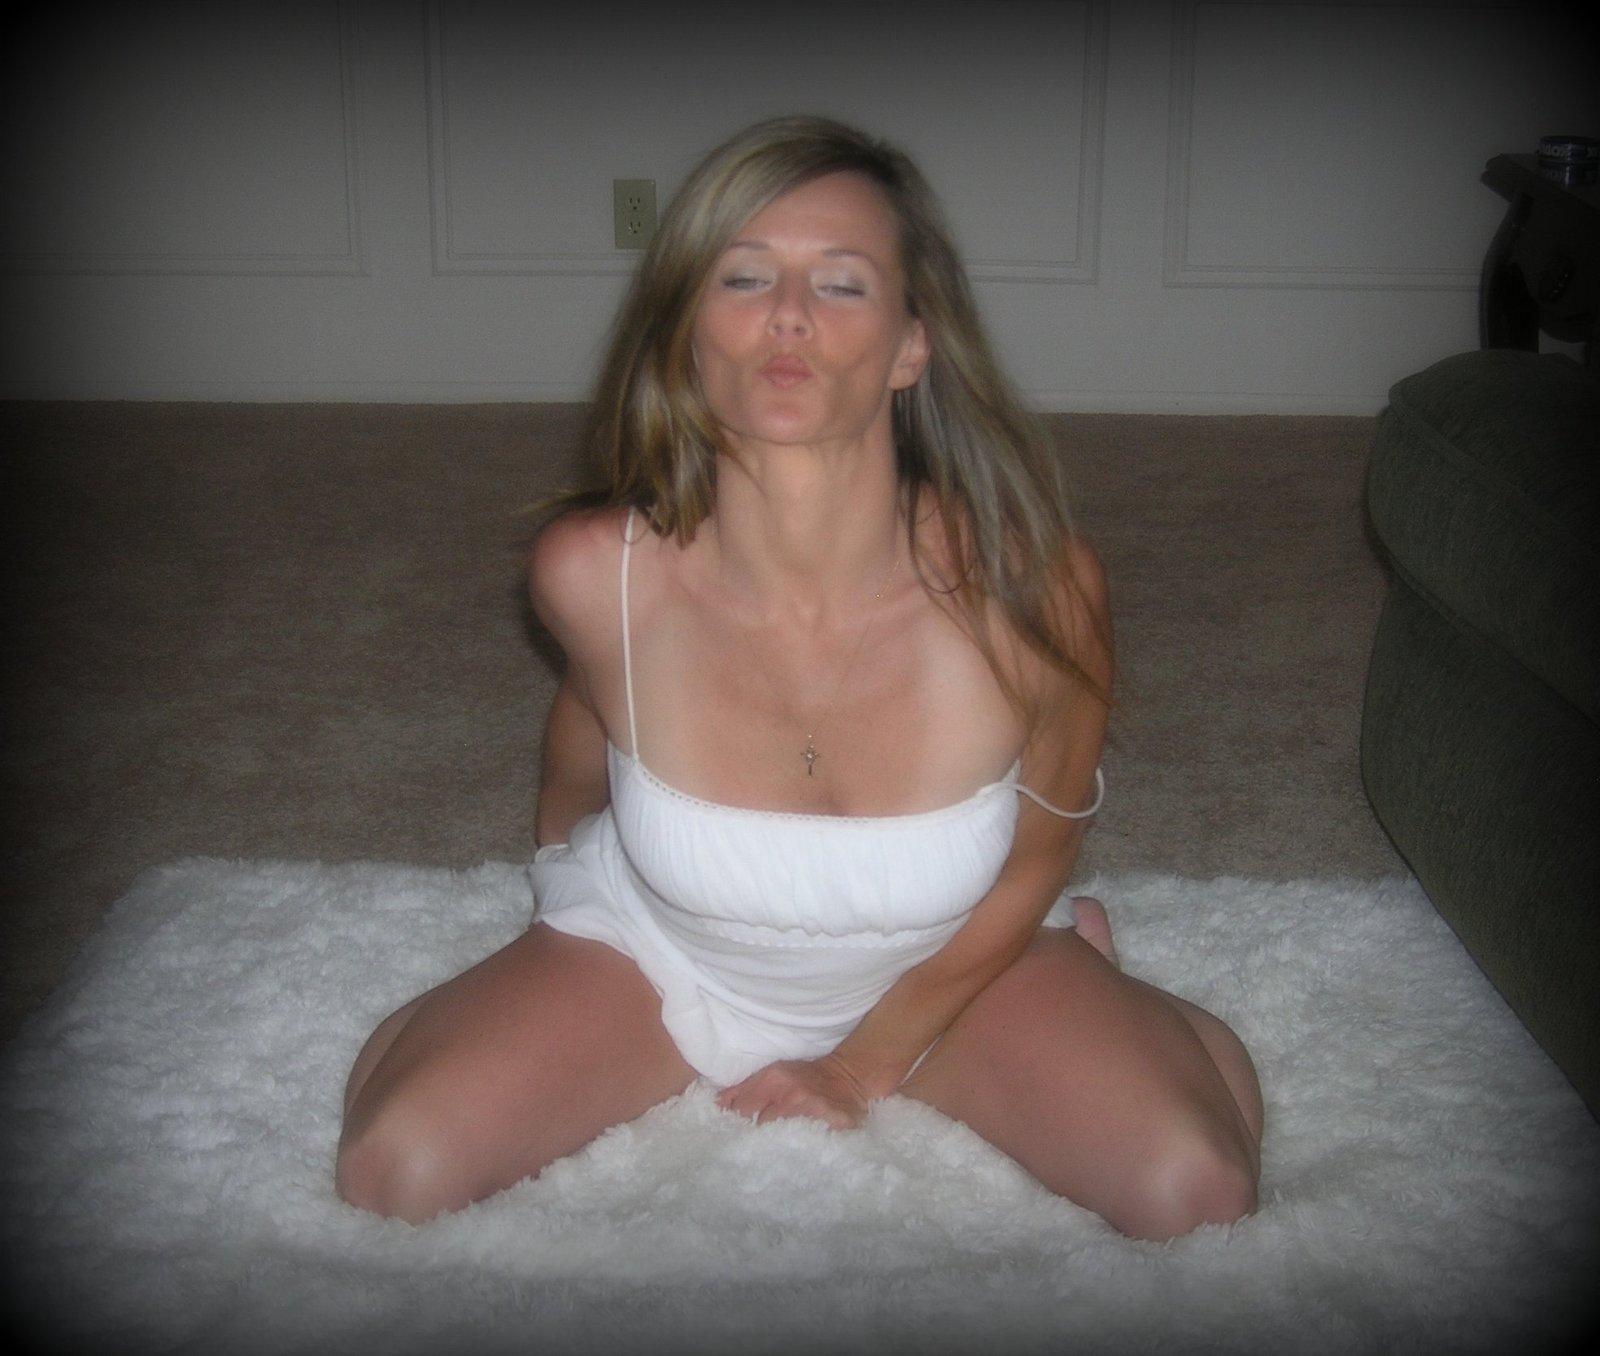 Сексуальная милфа в нижнем белье позирует в комнате